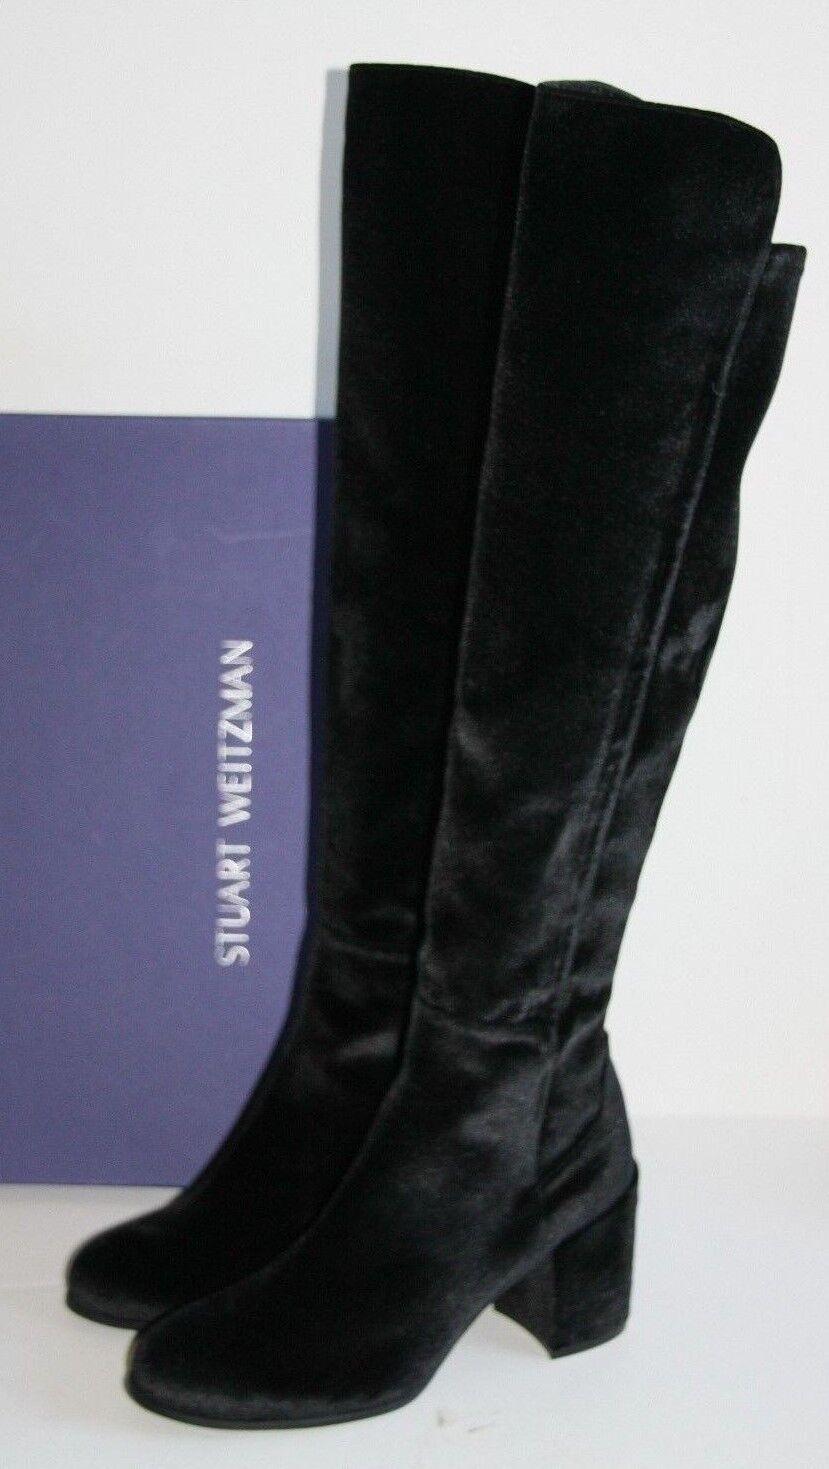 765 STUART WEITZMAN ALLJACK OTK Black Velvet BOOTS 40 / 10 Over the Knee